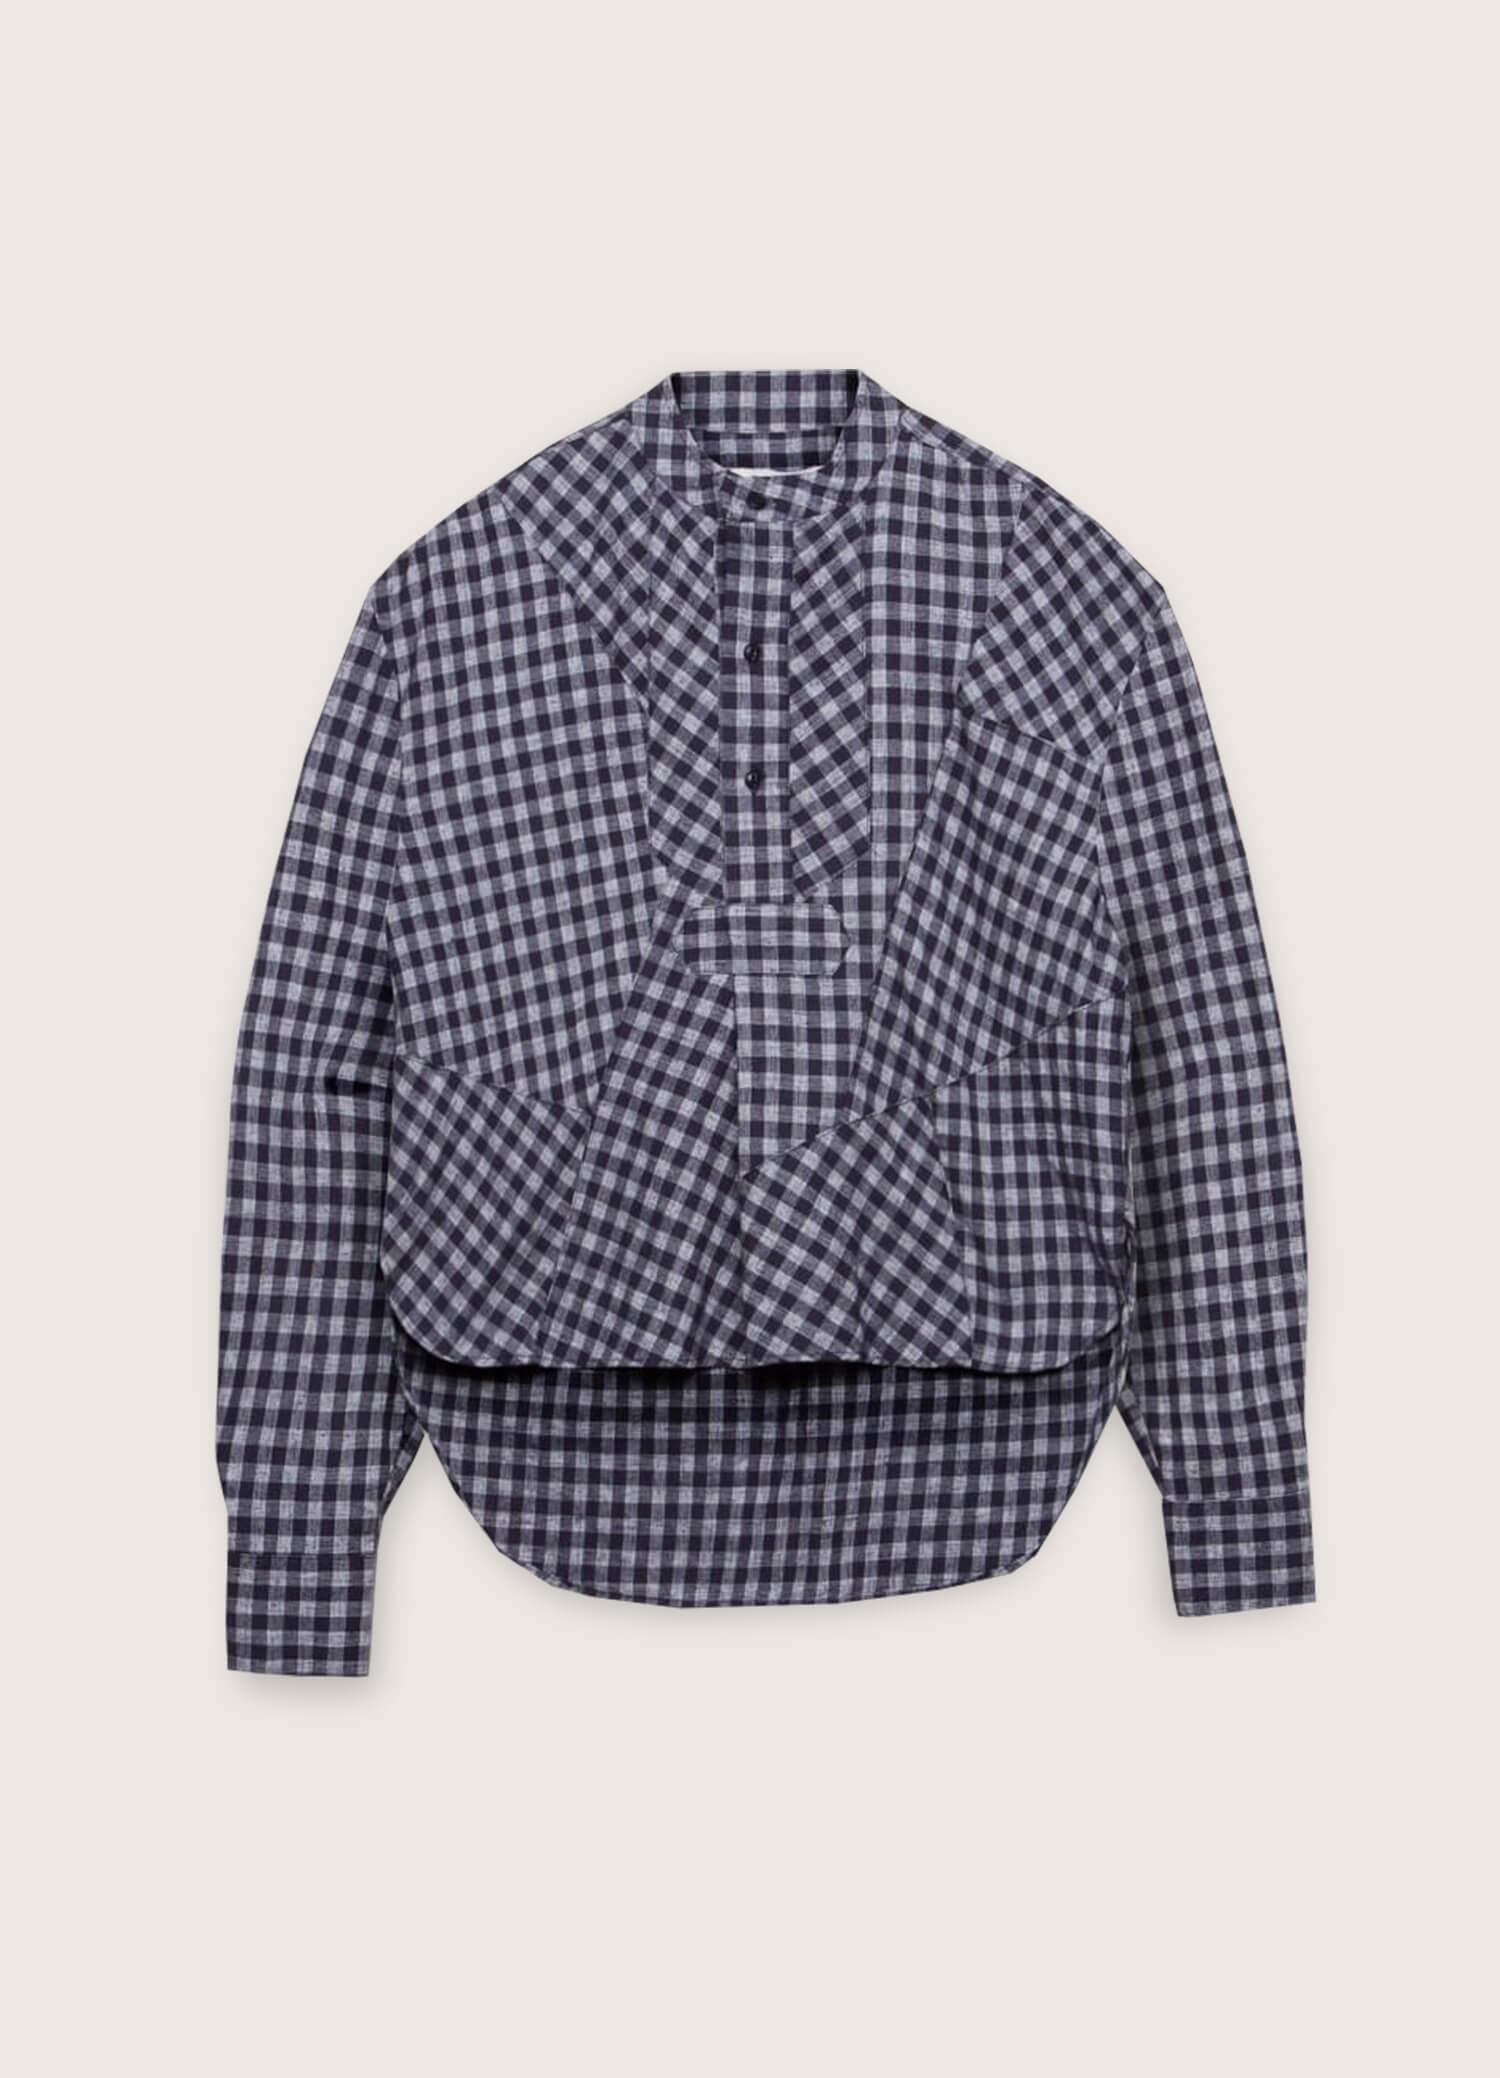 Juju Linen Cotton Patchwork Check Shirt Navy